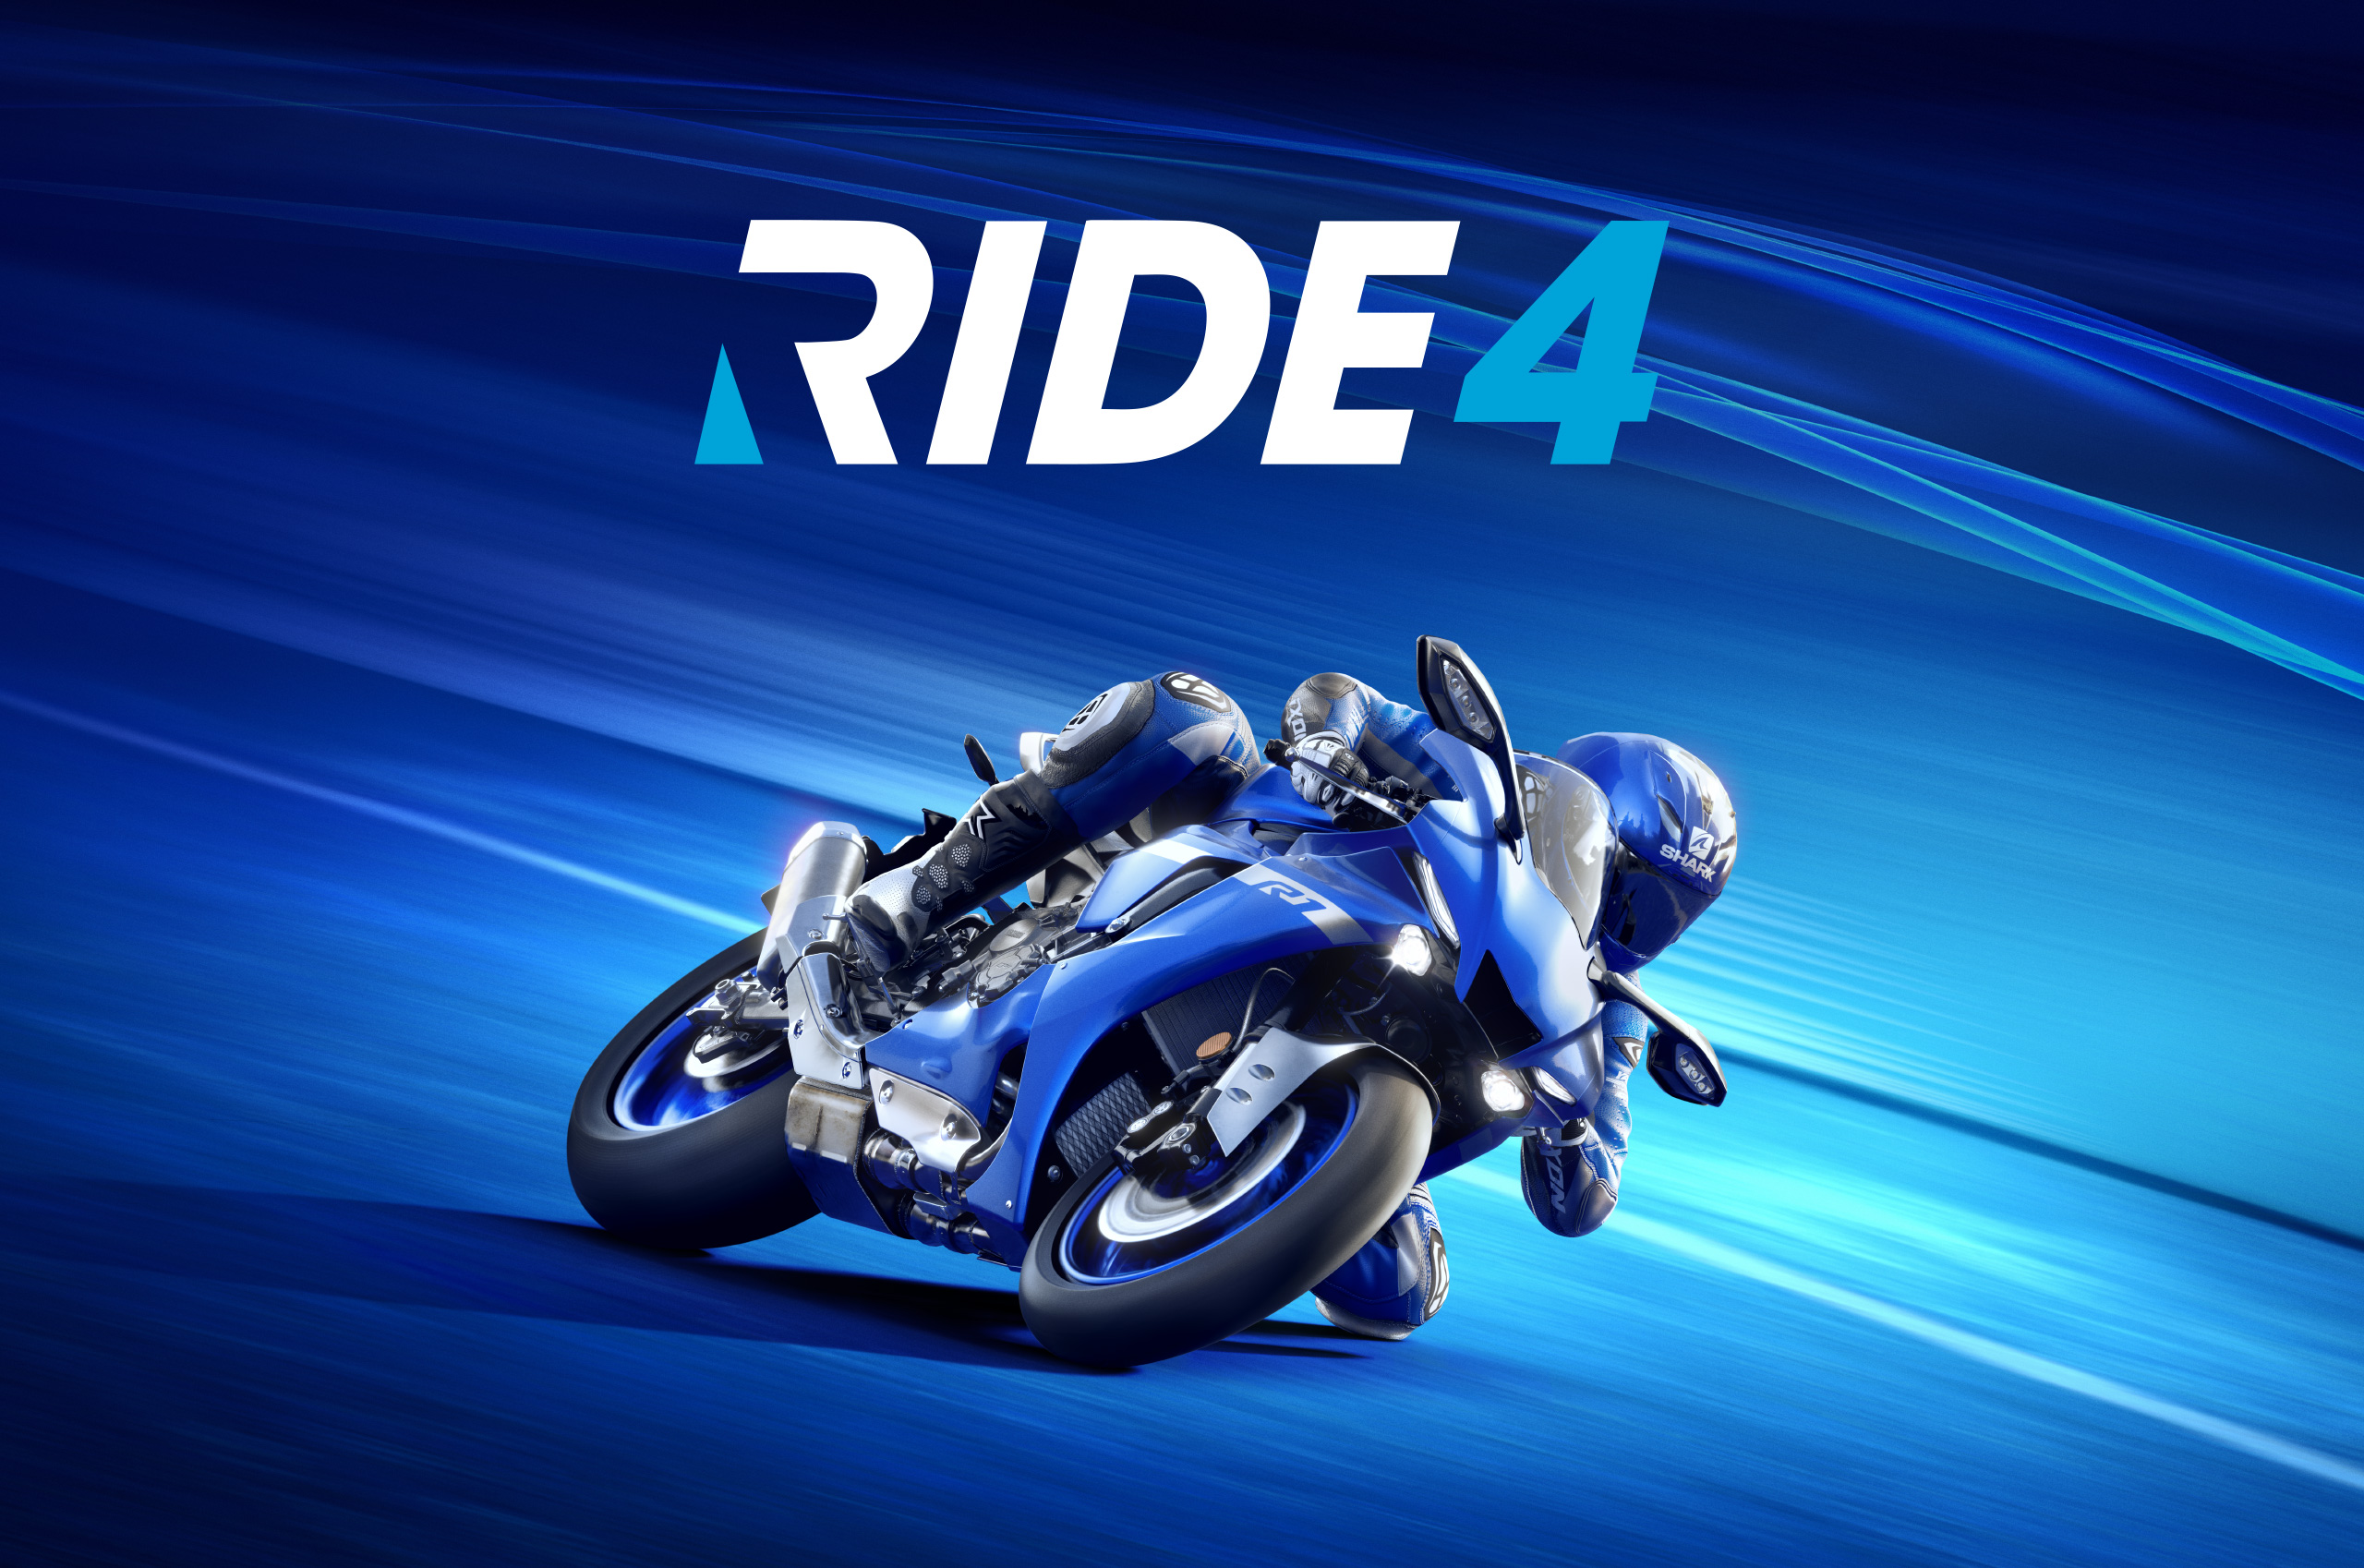 RIDE 4 est maintenant disponible sur PlayStation 5 et Xbox Series X